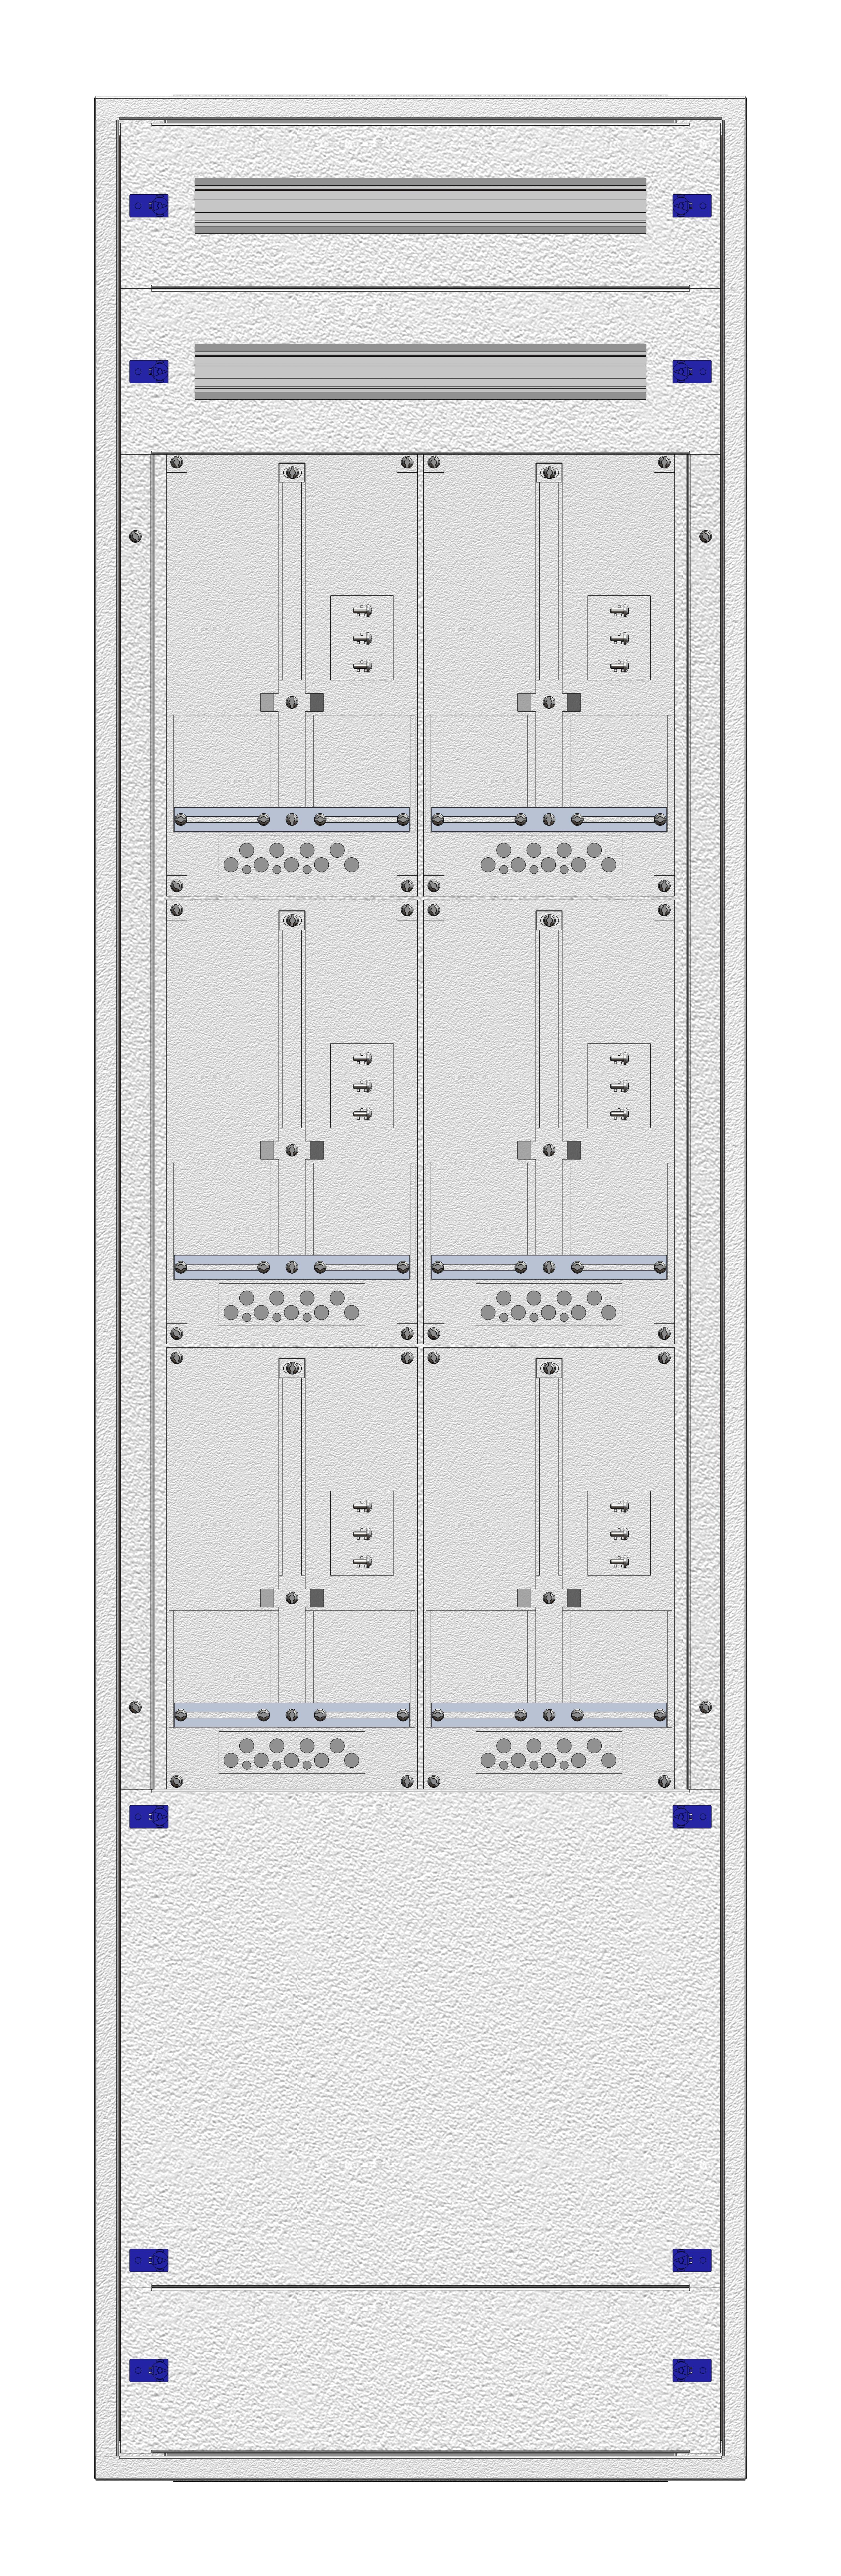 1 Stk Unterputz-Zählerverteiler 2U-42M/WIEN 6ZP, H2025B590T250mm IL170242WS